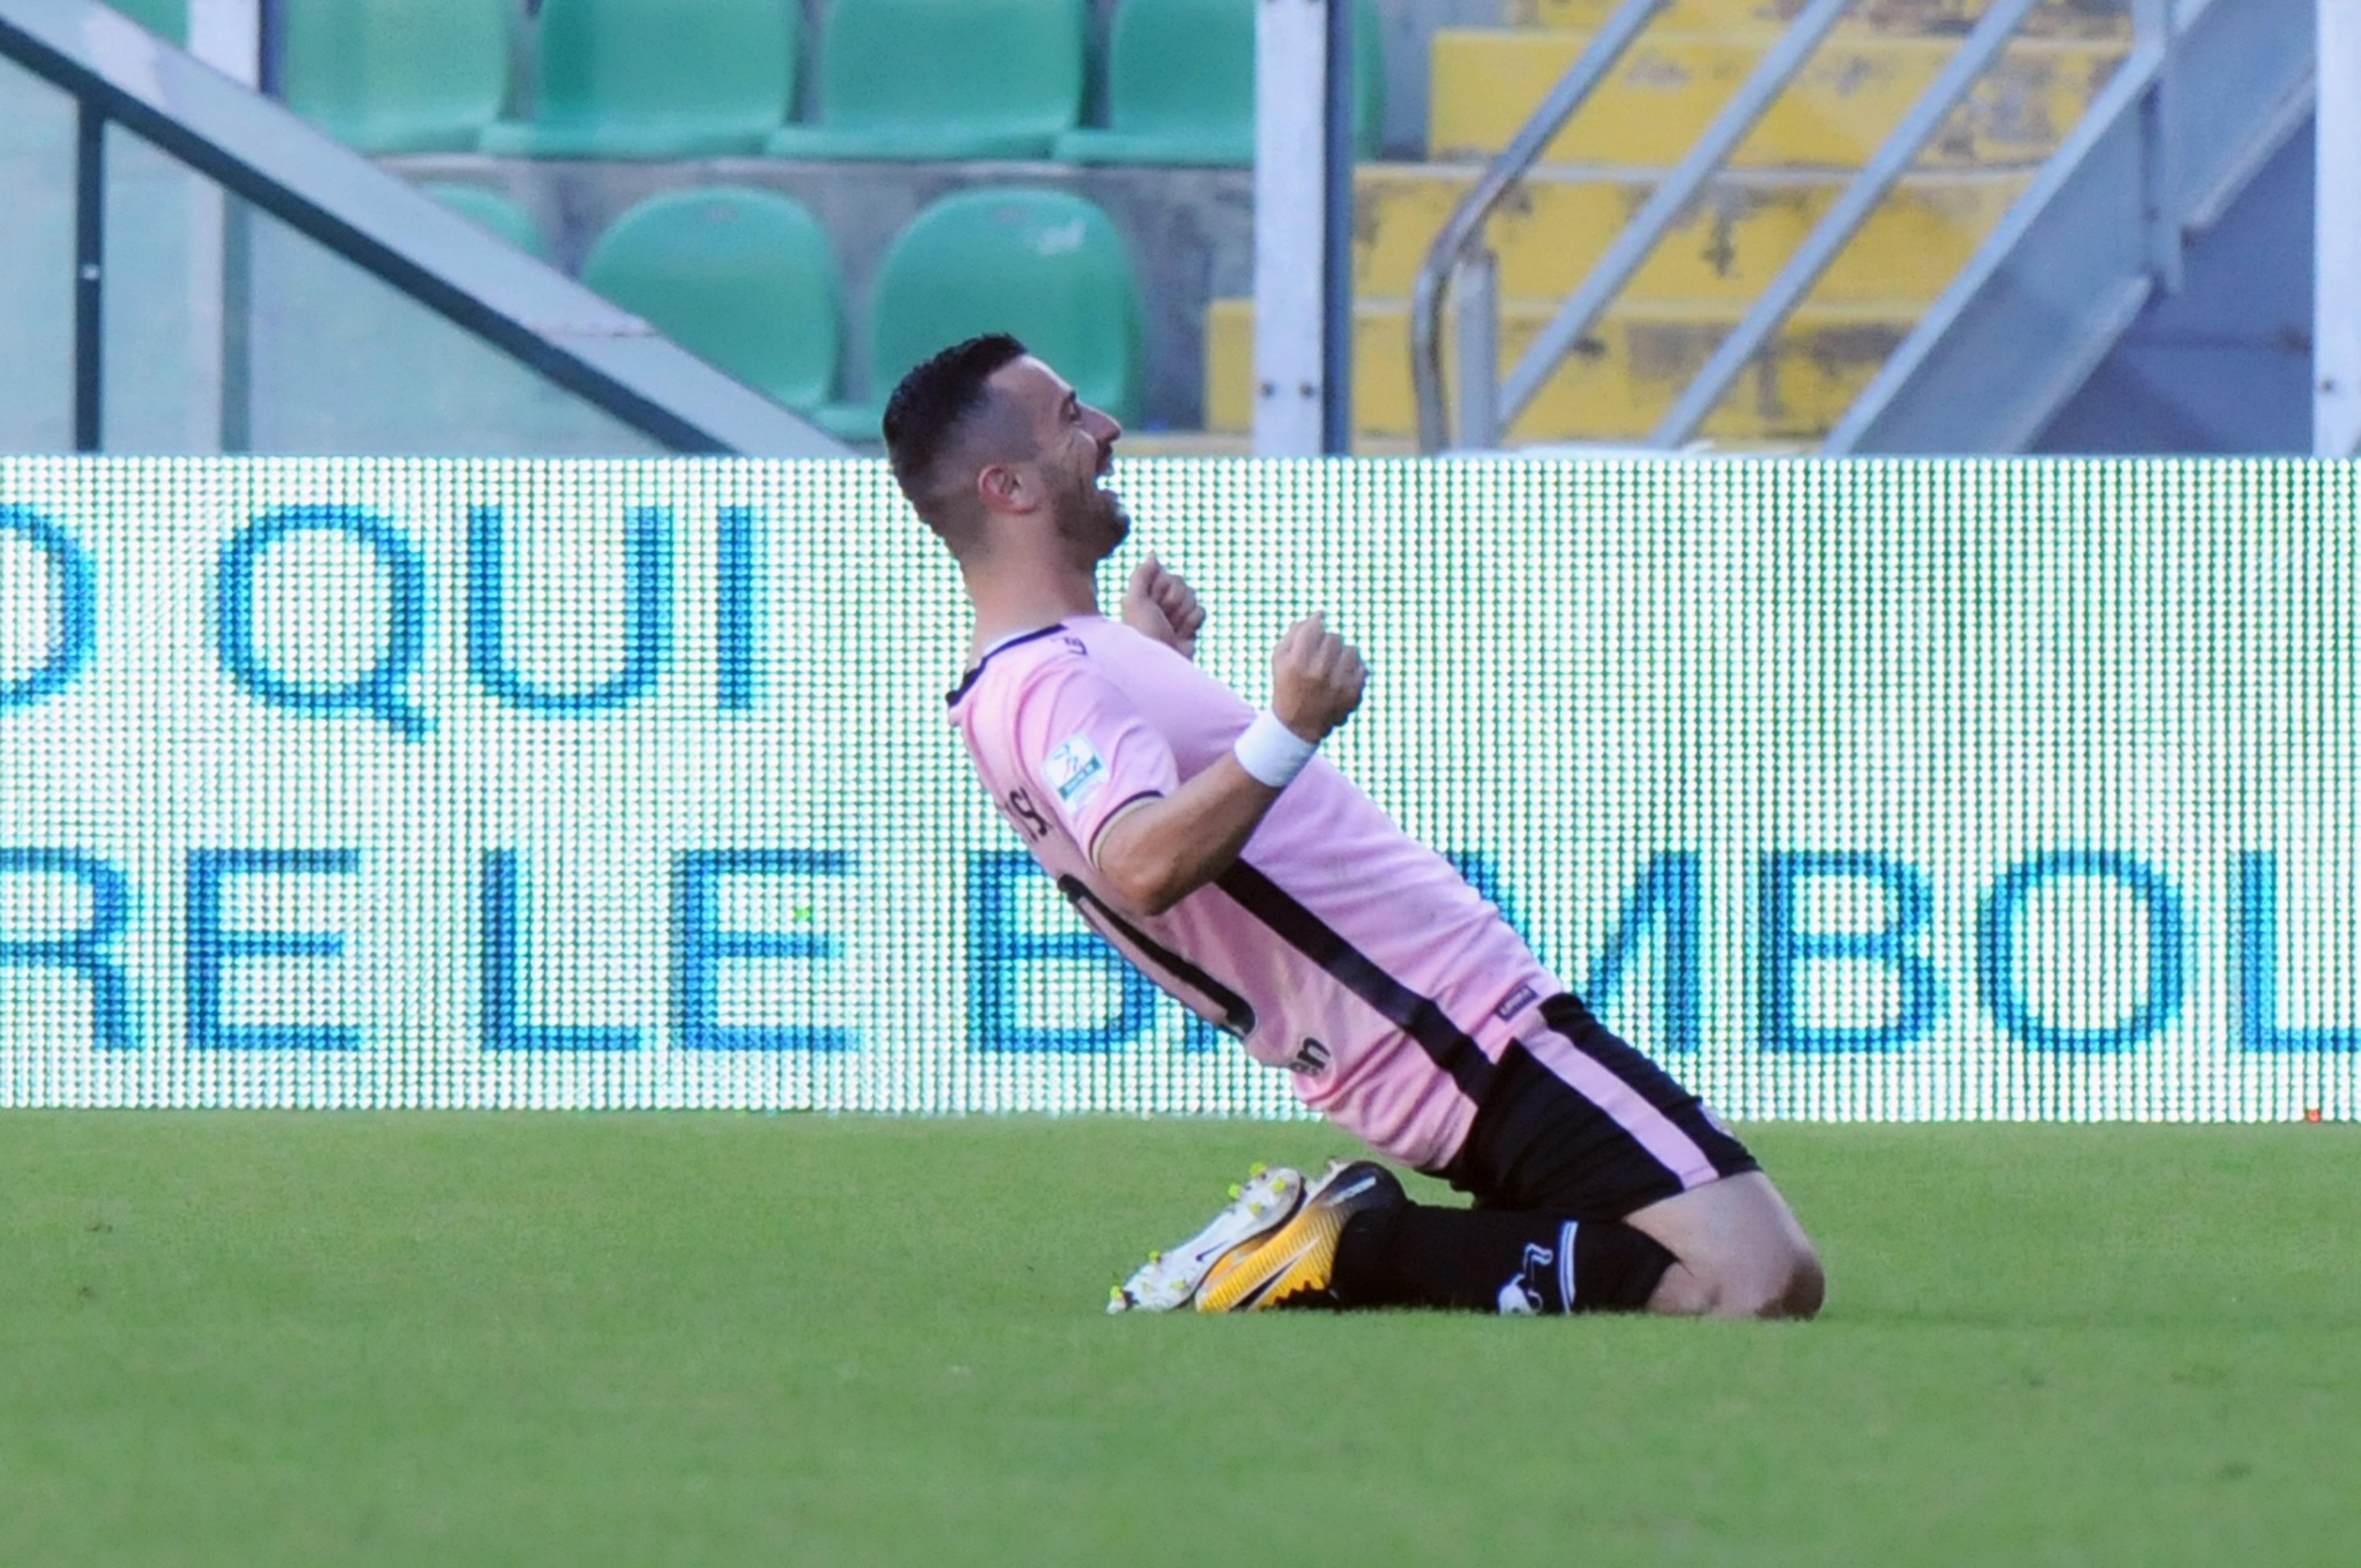 Seconda vittoria consecutiva per il Palermo, che dopo la sconfitta interna contro il Novara reagisce con 6 punti in due gare. Decisivo ancora una volta Ilija Nestorovski con una doppietta. Nella gara si segnala l'infortunio di Michel Morganella e il record negativo di presenze al Barbera. LA CRONACA LE PAGELLE DI GUIDO MONASTRA GLI HIGHLIGHTS IL POST-PARTITA